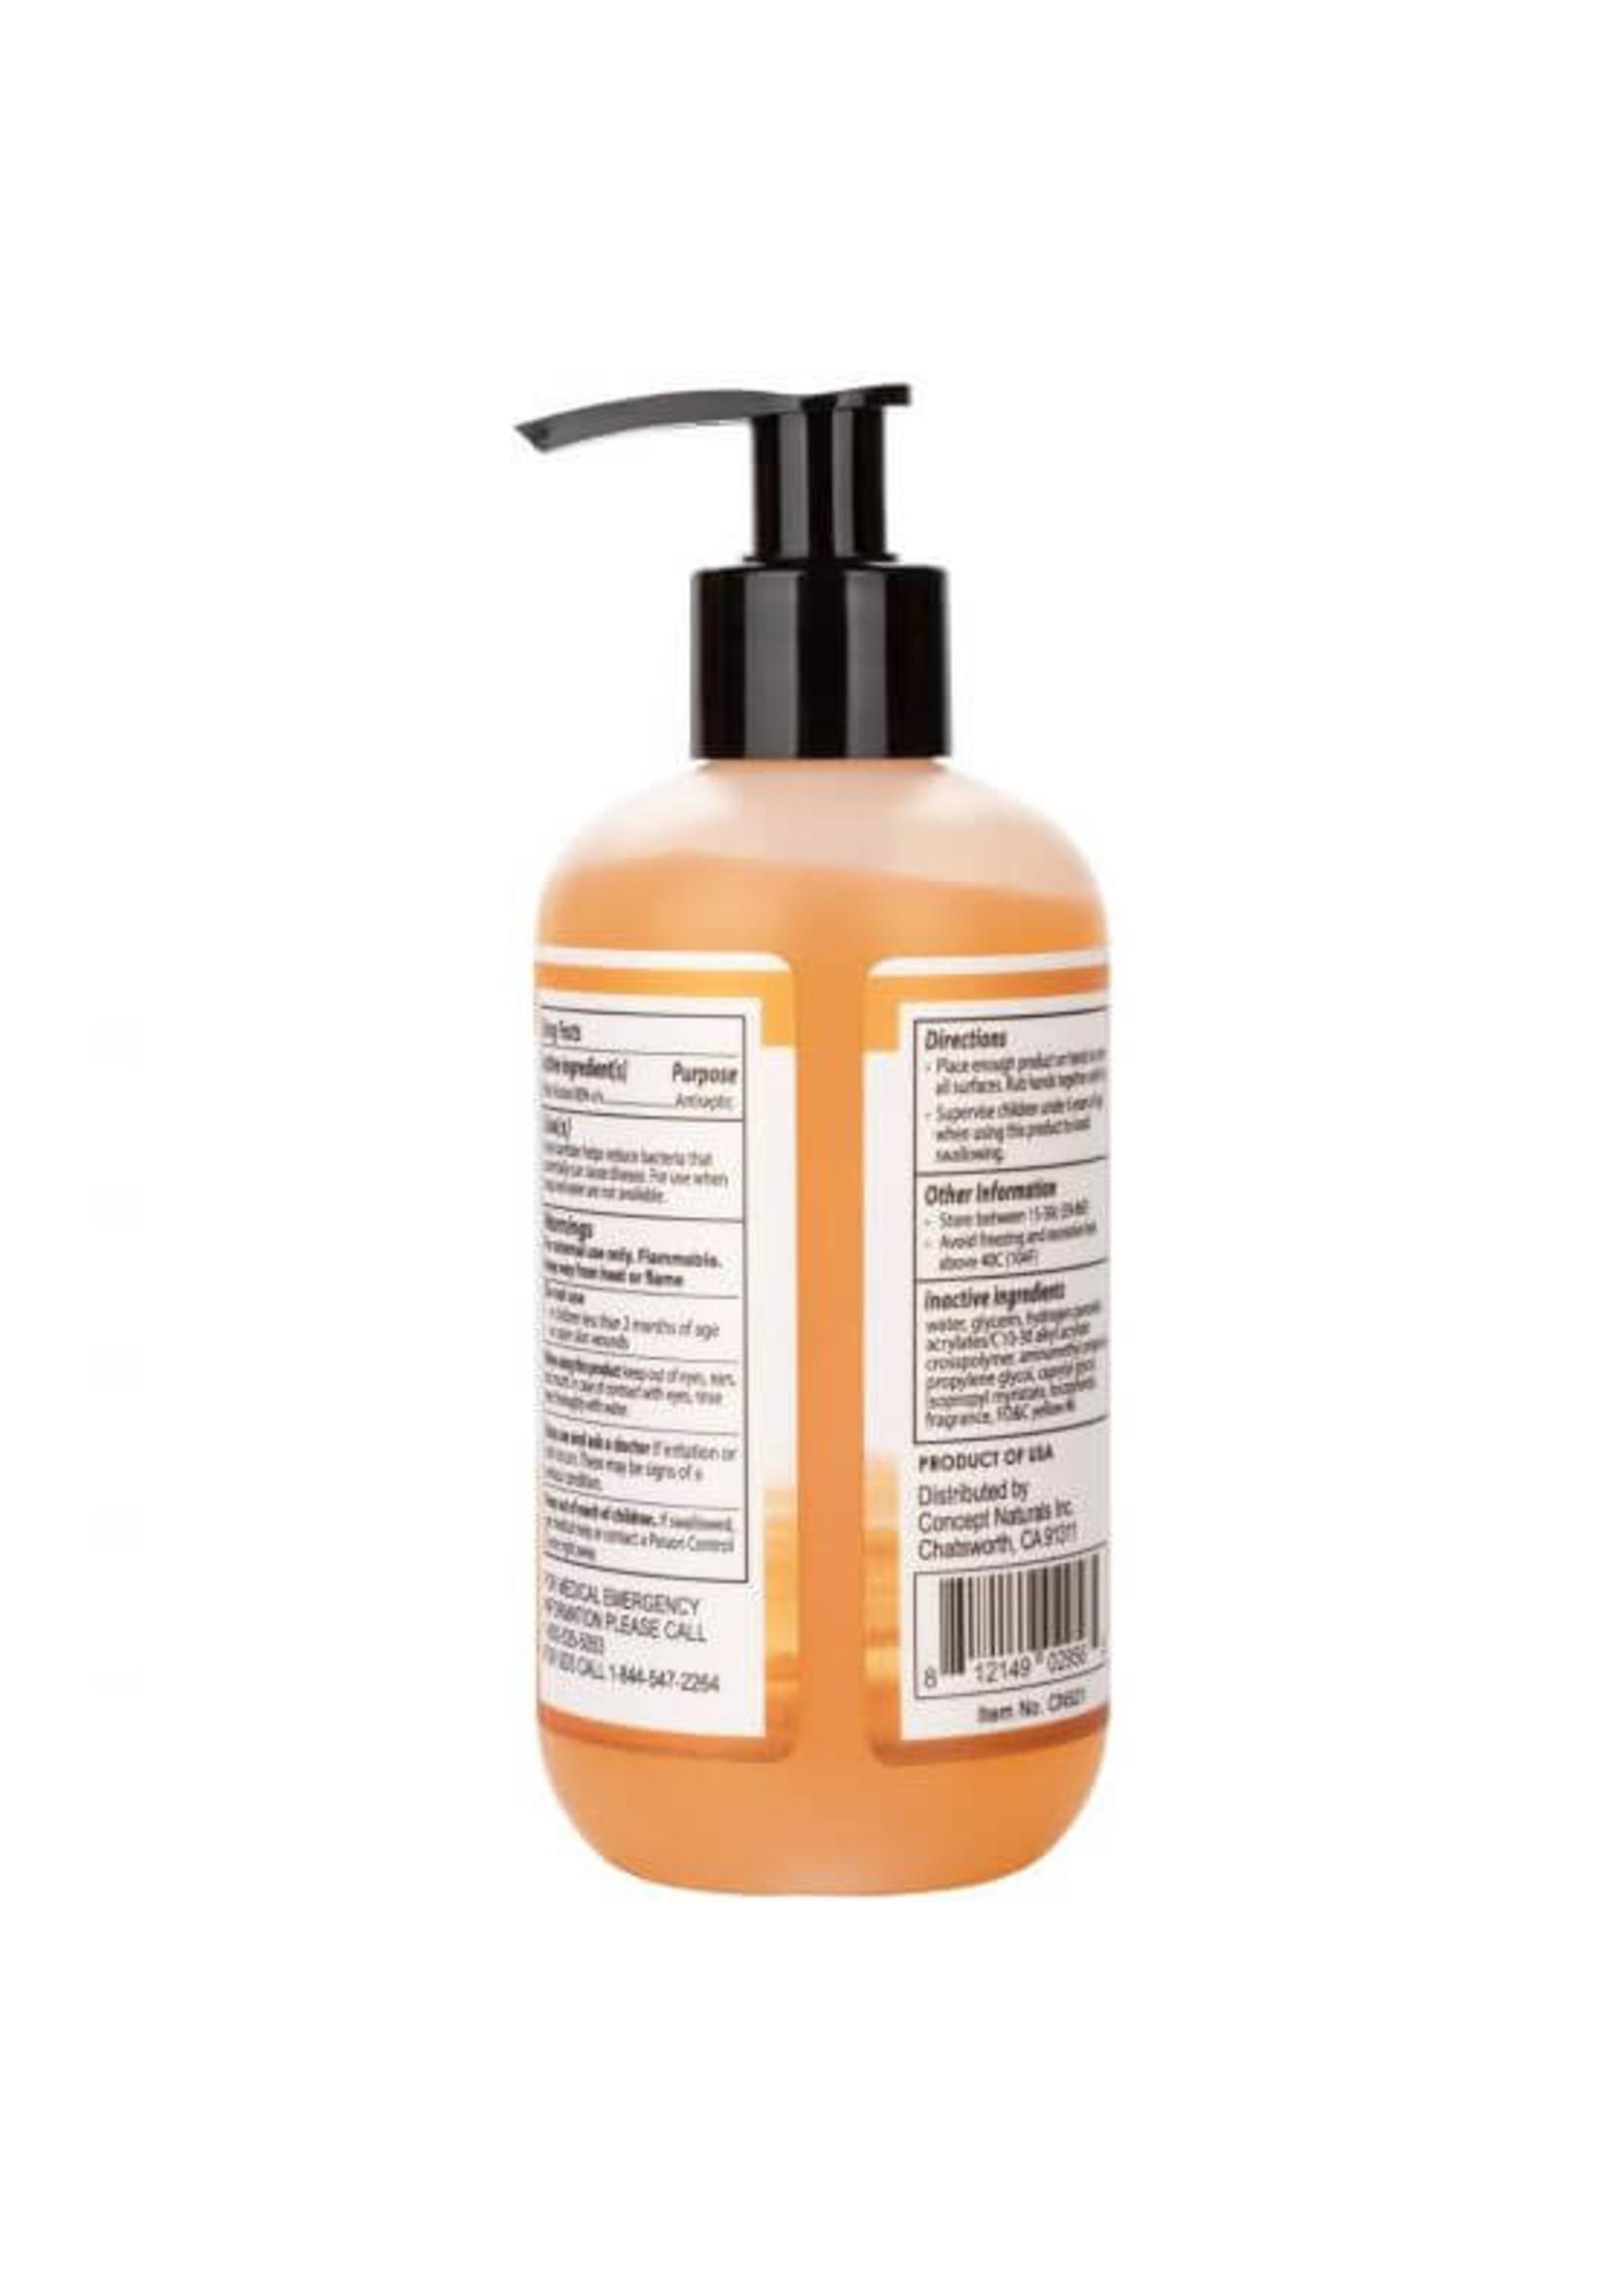 Cal Exotic Novelties Hand Sanitizer Gel (70% Alcohol) 8 oz